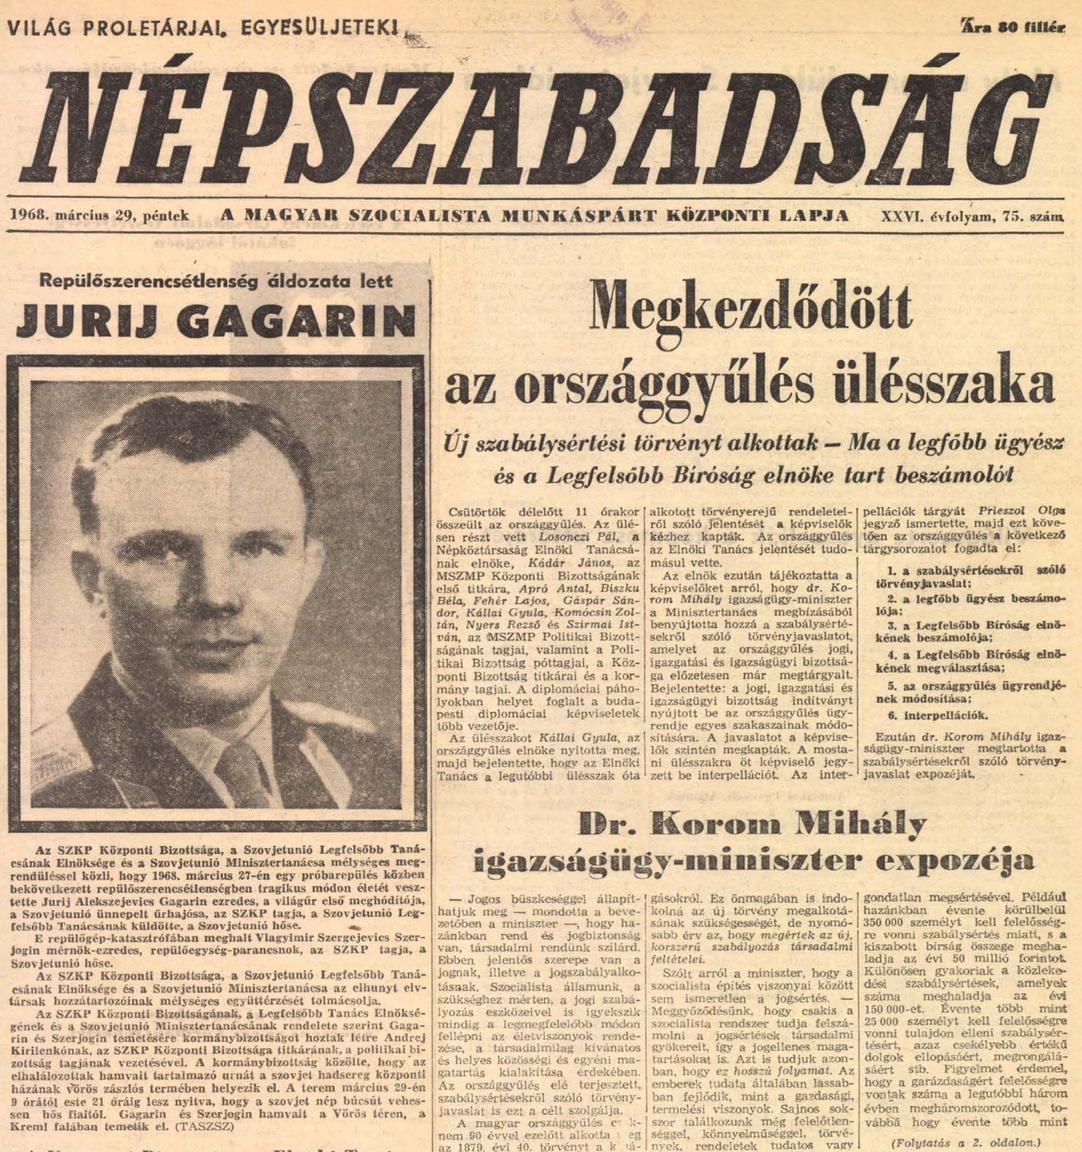 Gagarin halálhíre a Népszabadság címlapján.